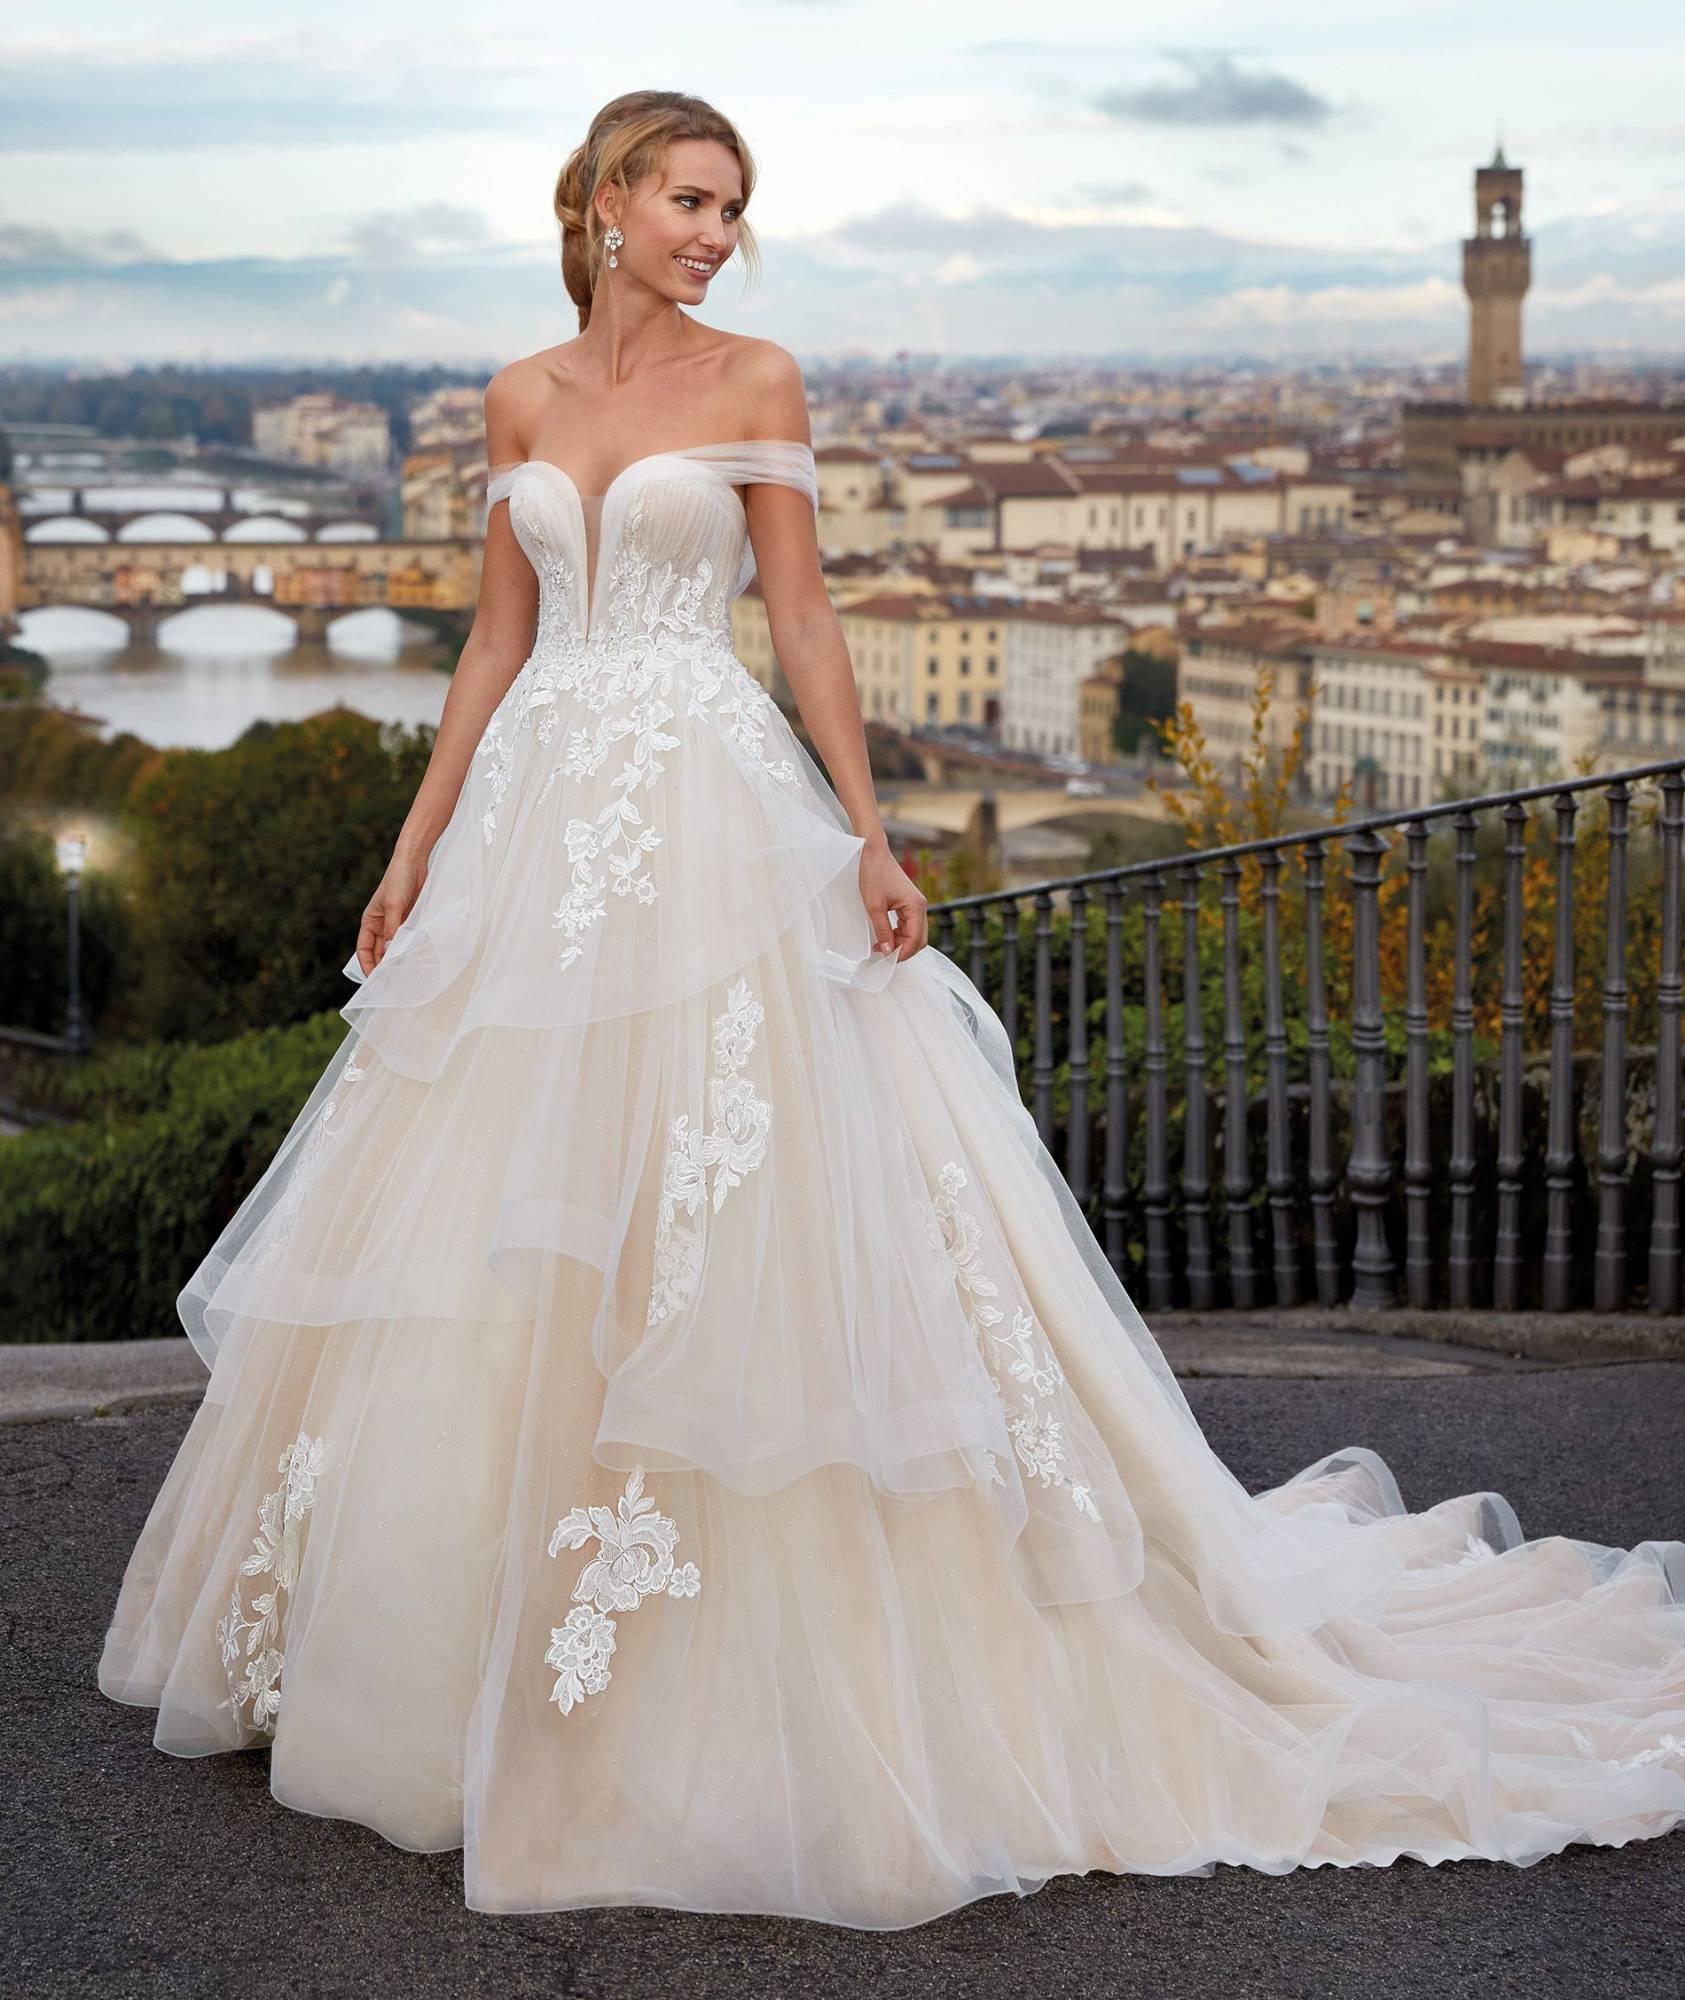 Top 11 des indispensables pour un mariage réussi - Page 2 Ni12198jpg_5f75cb6ec7637